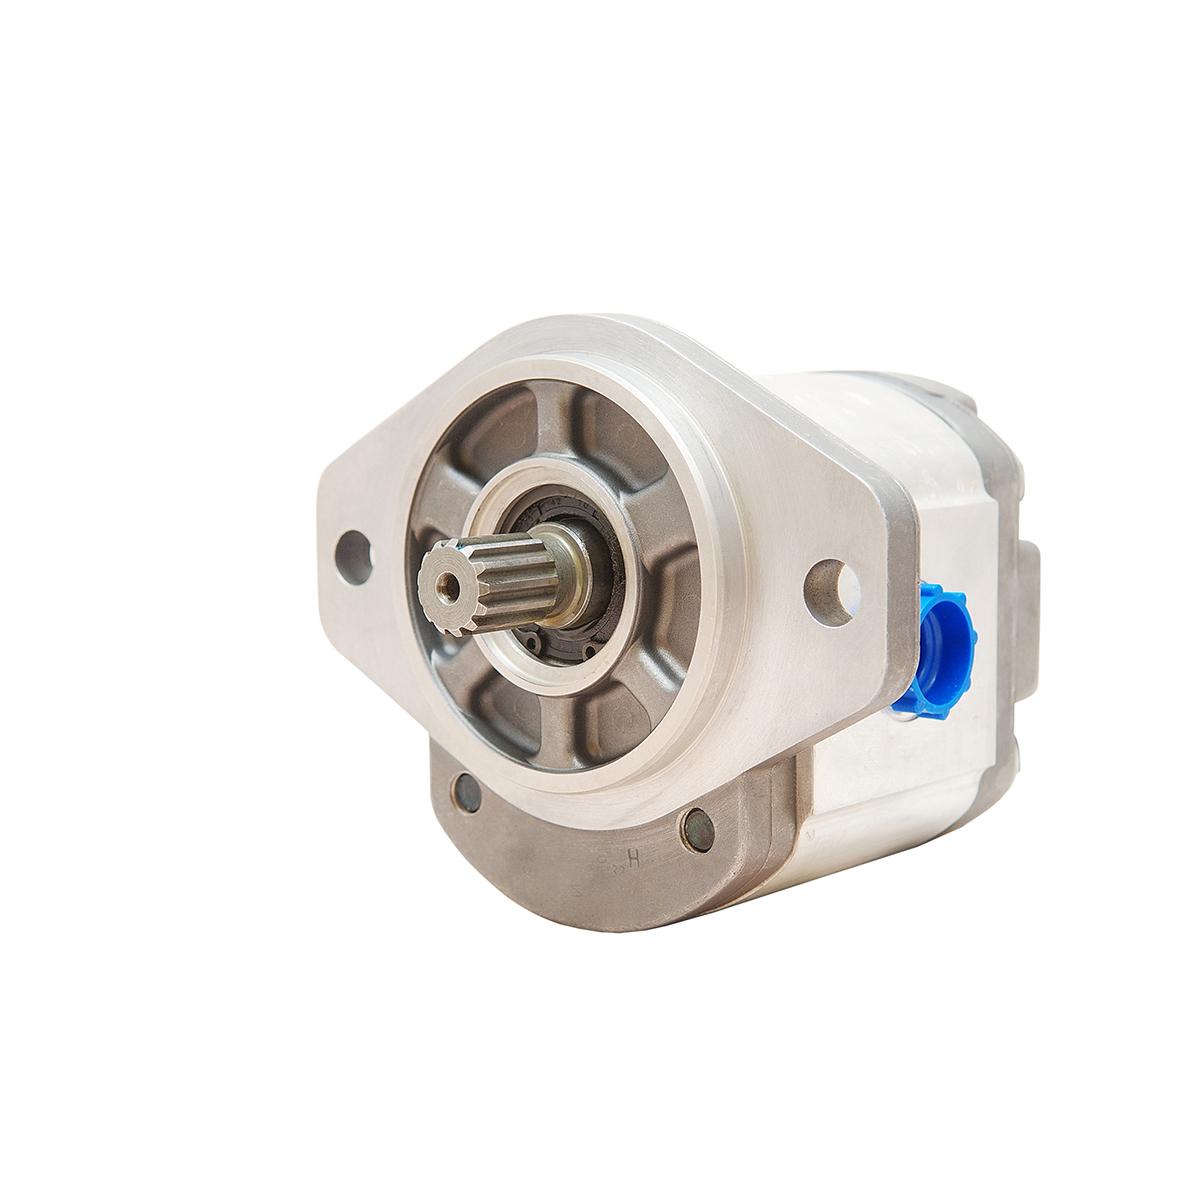 0.85 CID hydraulic gear pump, 9 tooth spline shaft counter-clockwise gear pump | Magister Hydraulics